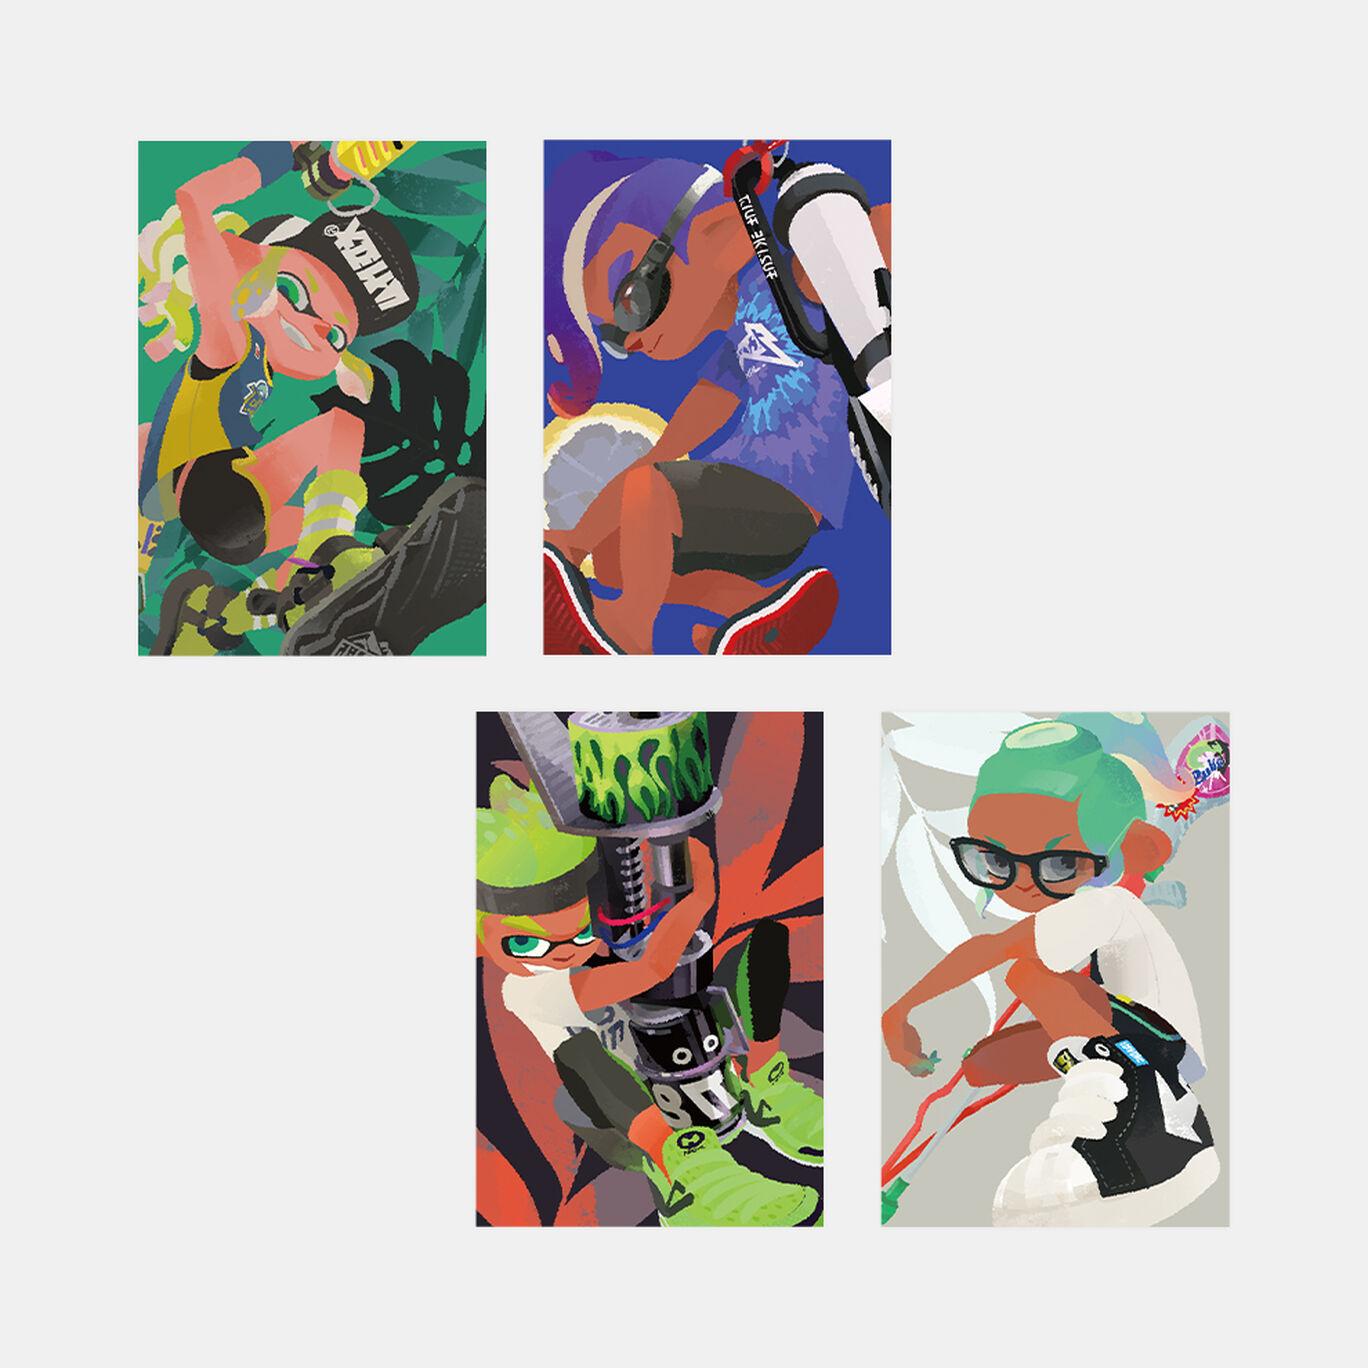 スプラトゥーン2 イカす夏のポストカードコレクション(8種)